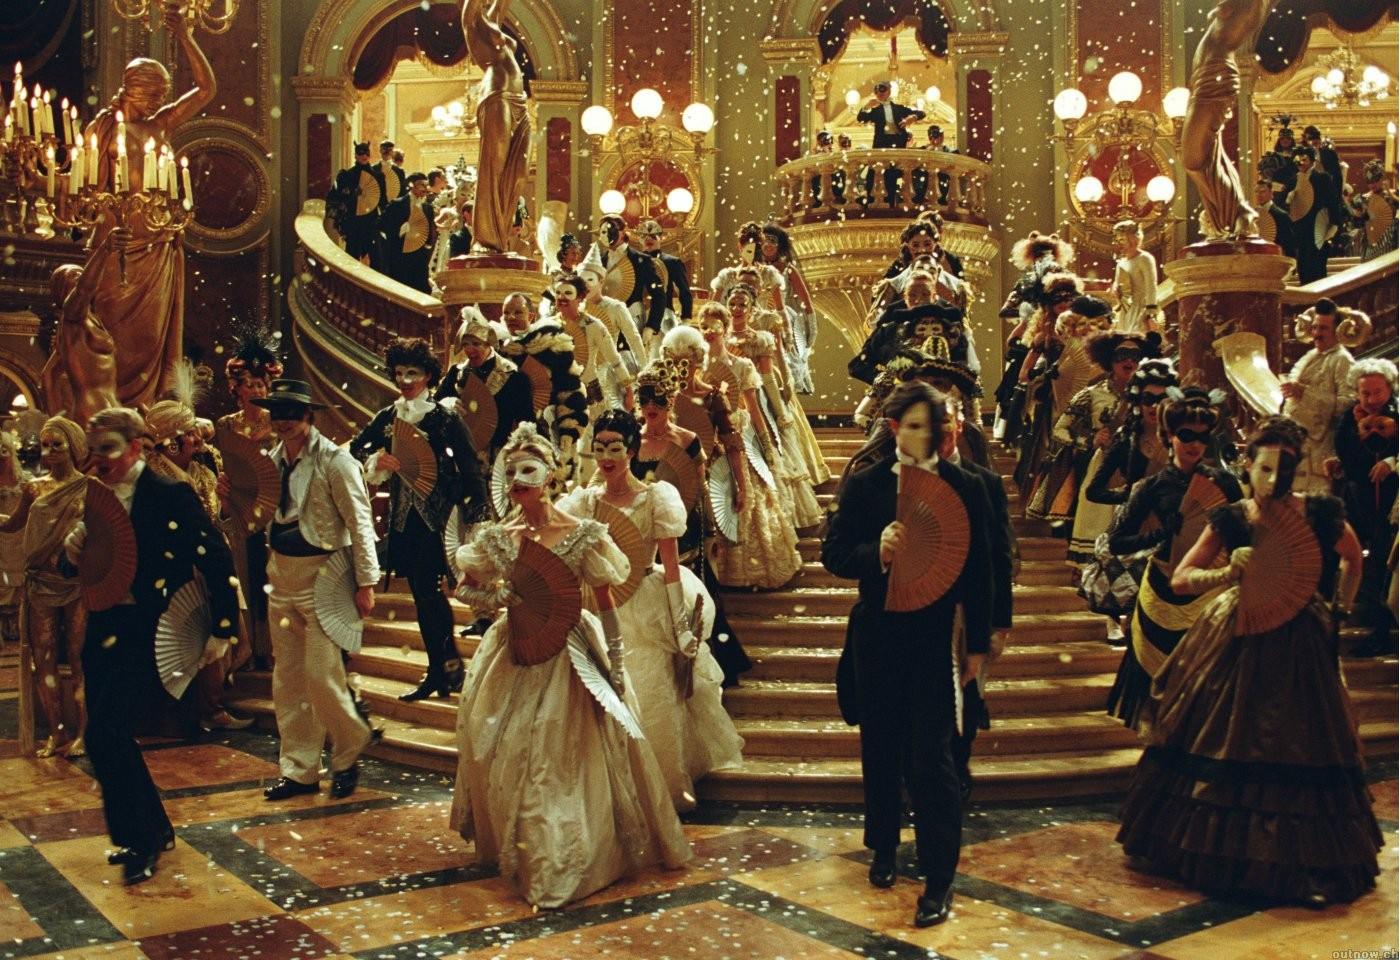 Fantasma da Opera - Baile de Máscaras - Passarpelasbarreiras